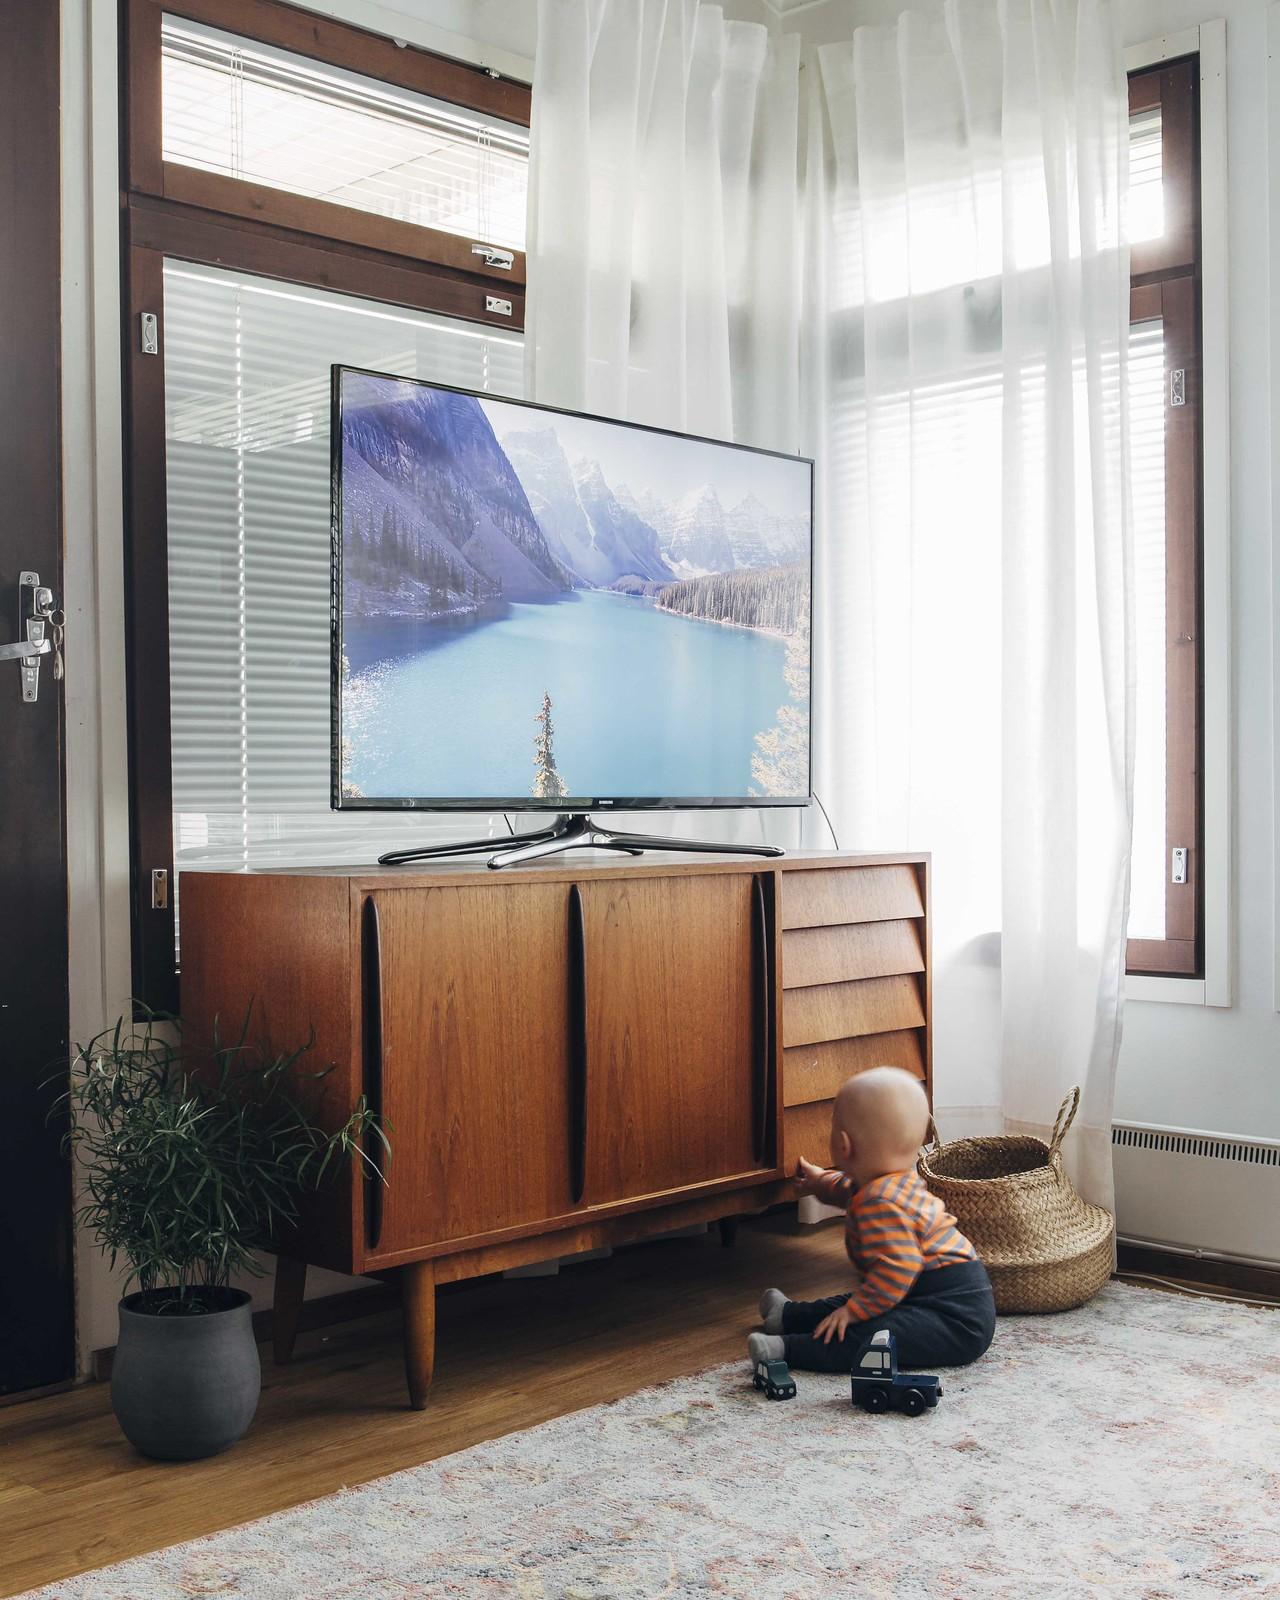 50-luvun vintage senkki, jonka päällä on televisio. Senkin edessä on lapsi, joka kokeilee yhtä vetolaatikkoa.